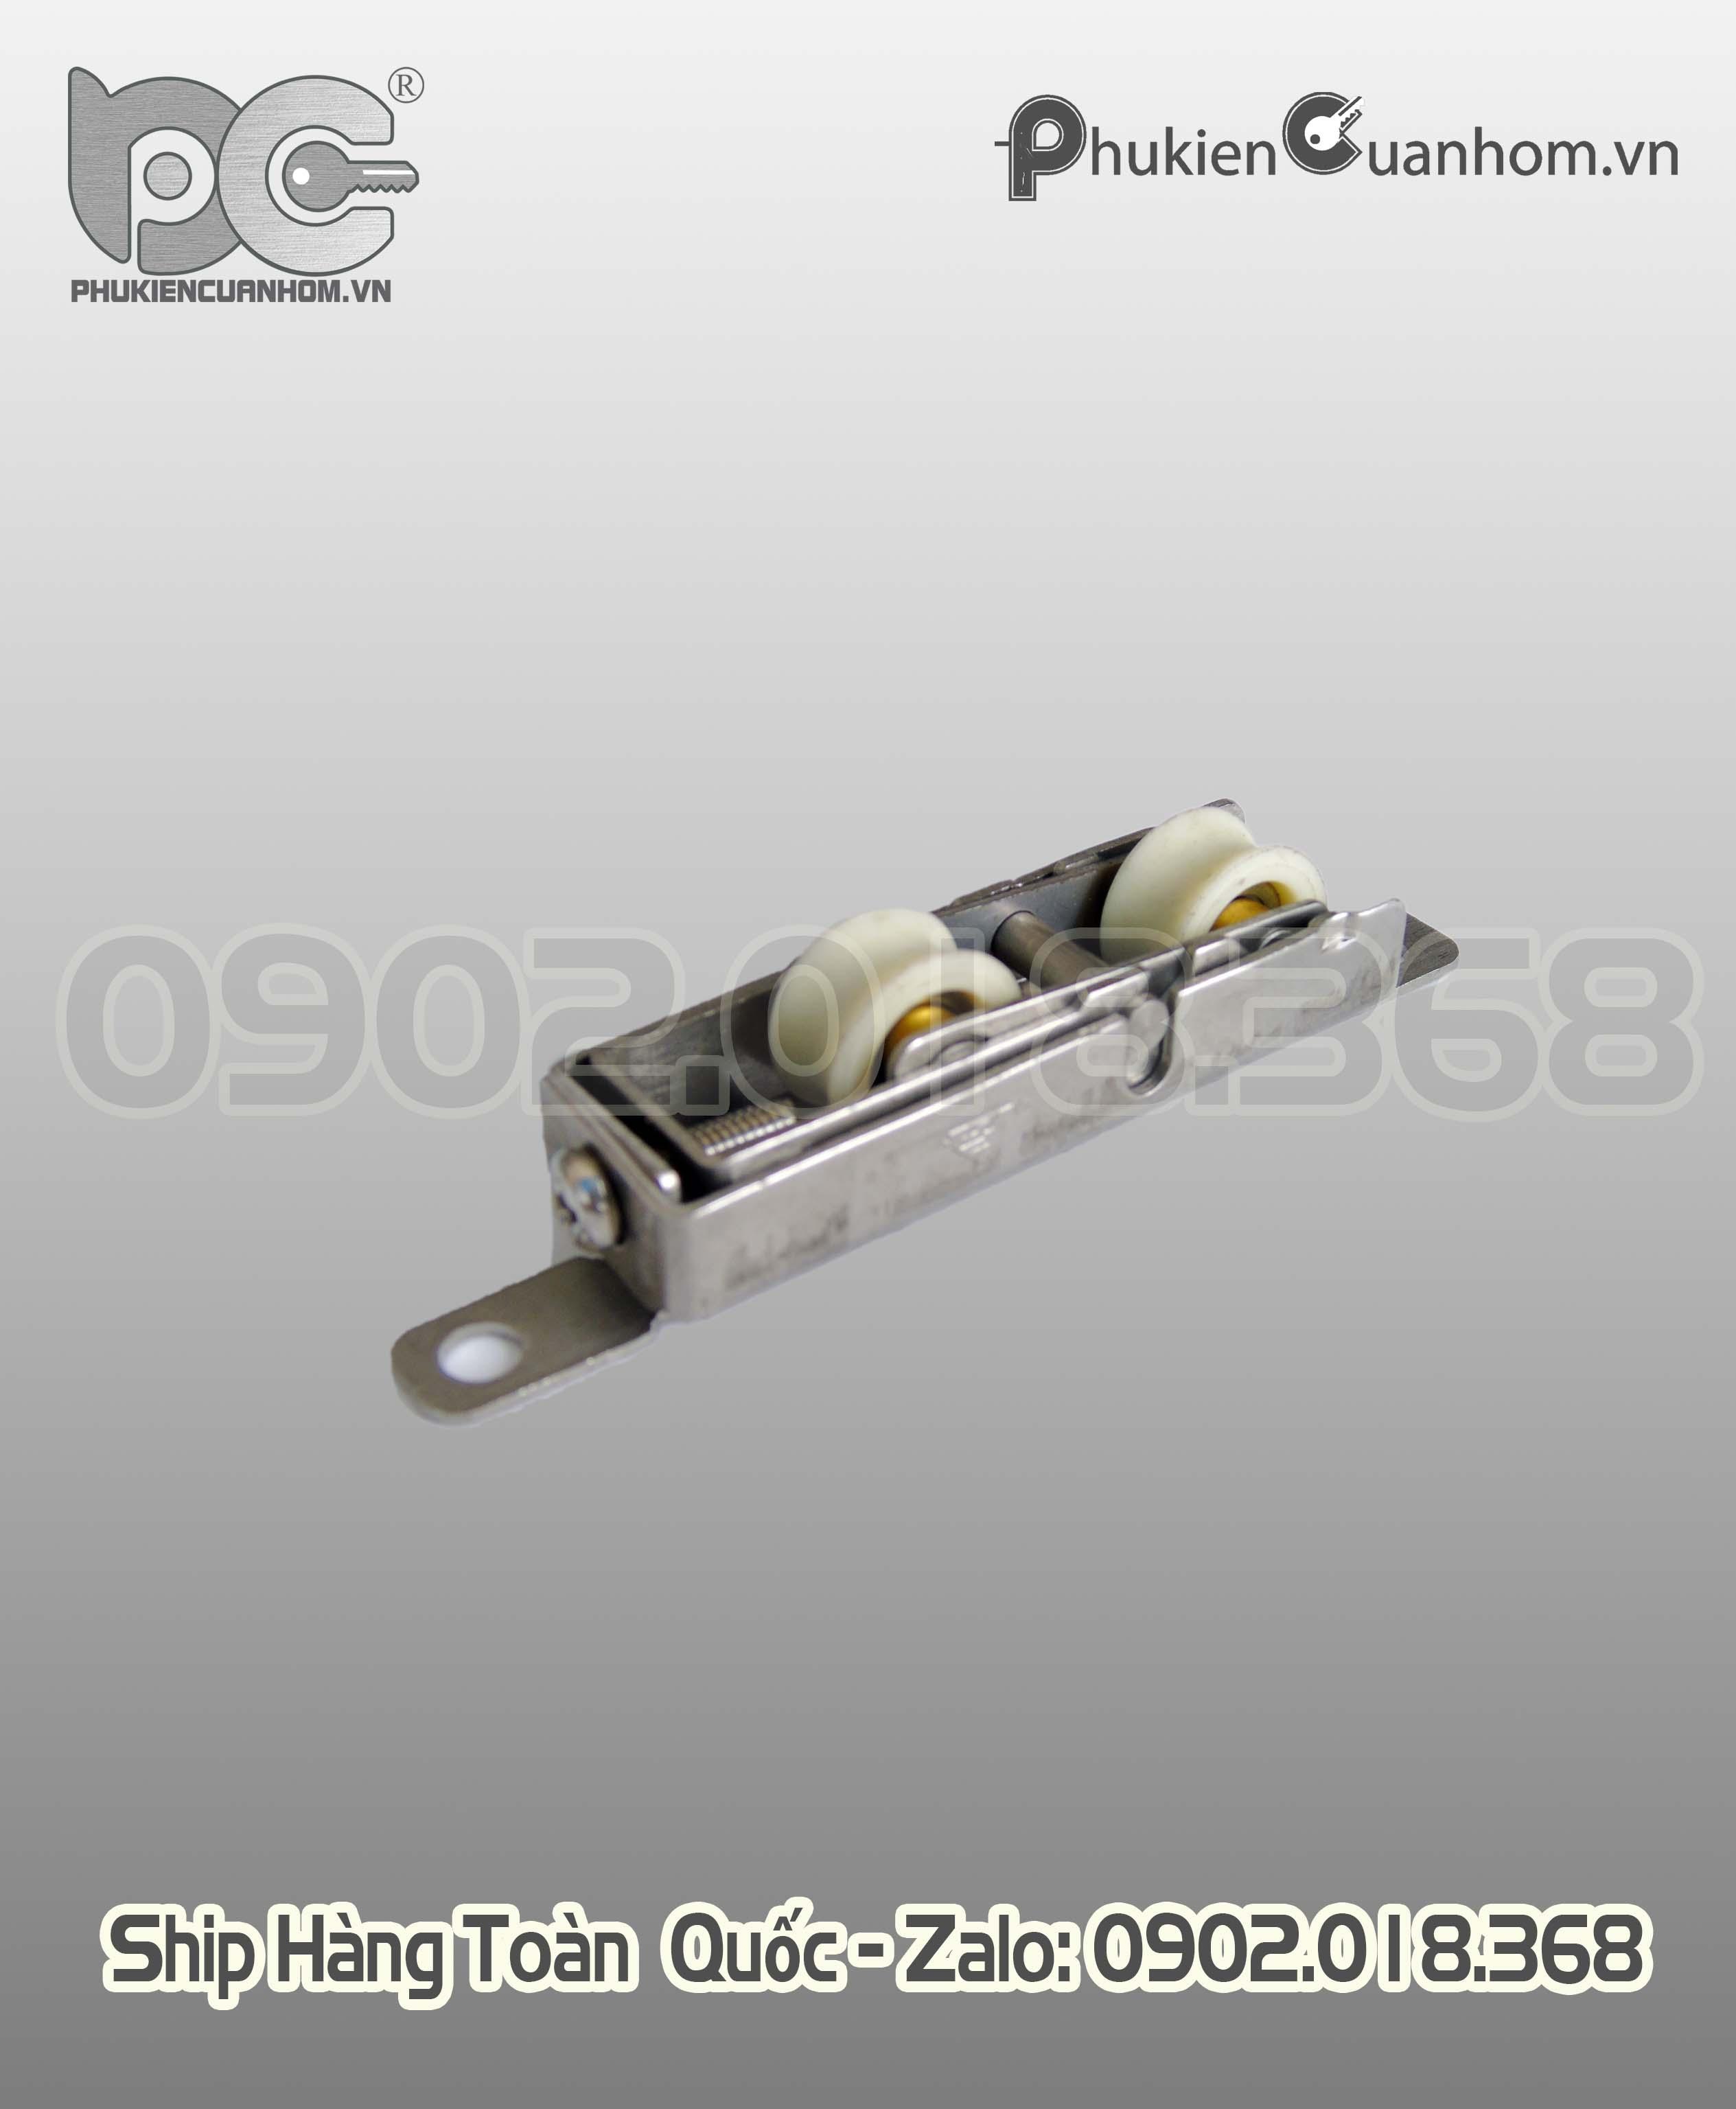 Bánh xe đôi không dập cửa lùa nhôm Xingfa hệ 55 hiệu GQ